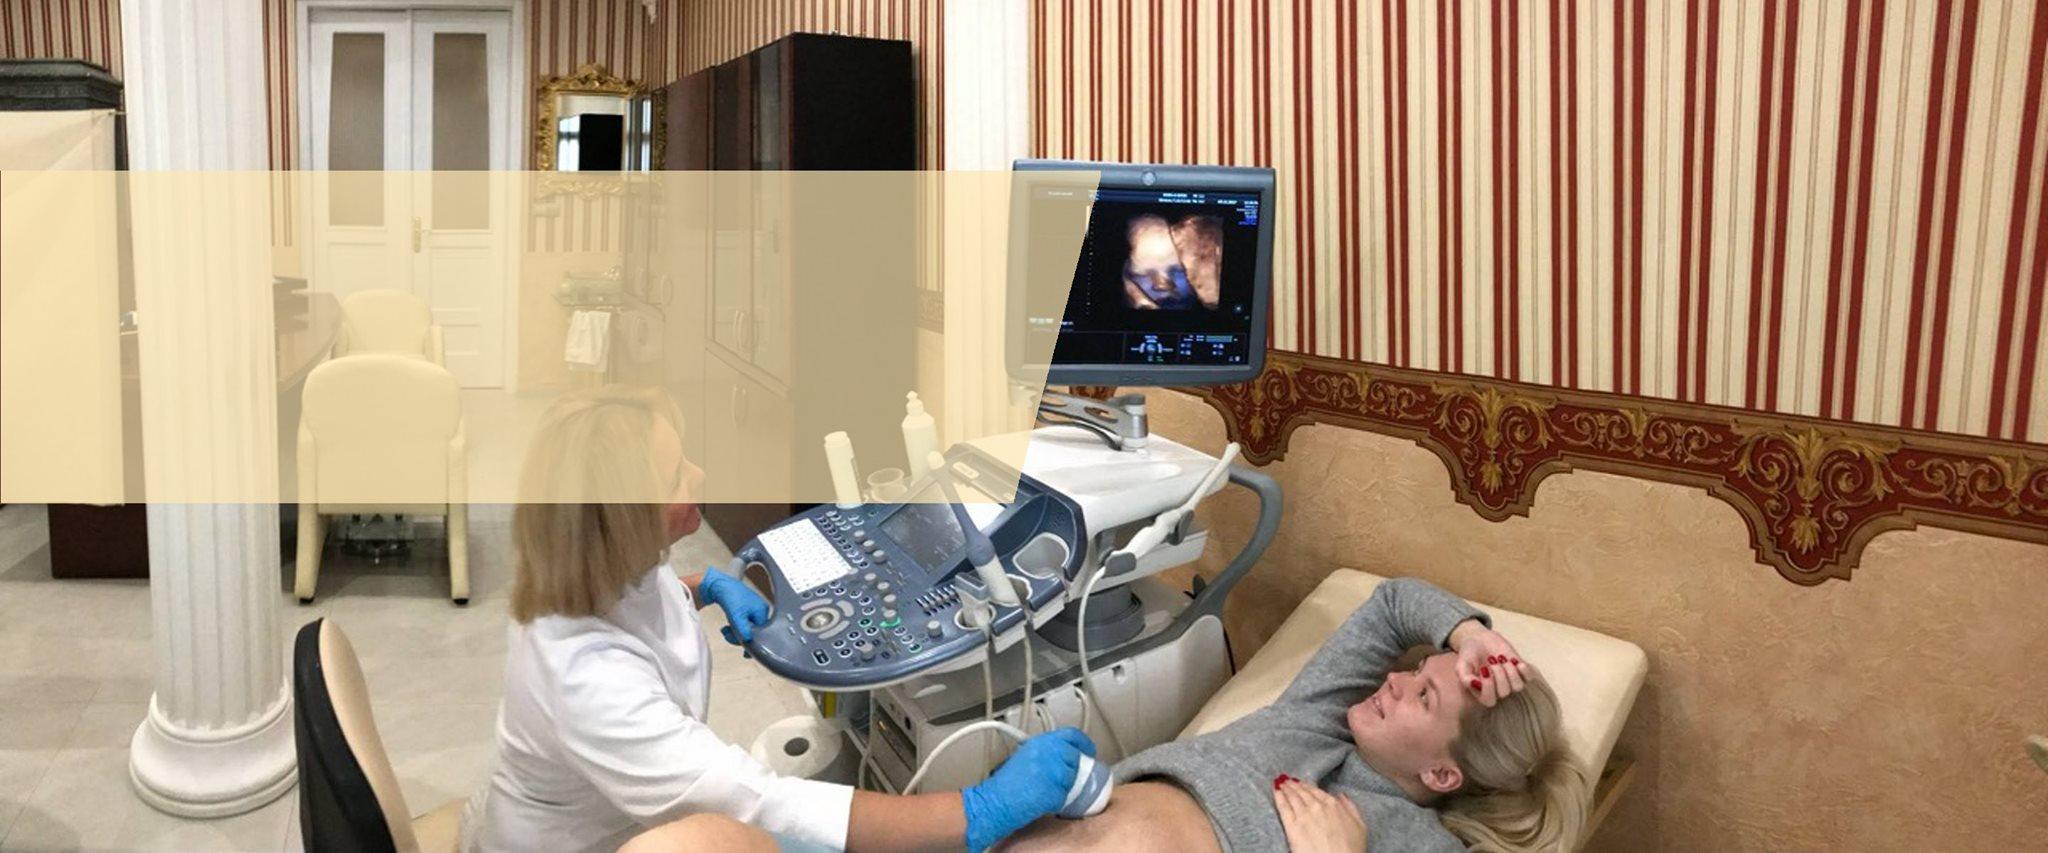 Сучасна УЗД (еластографія) 3D/4D, HD life.